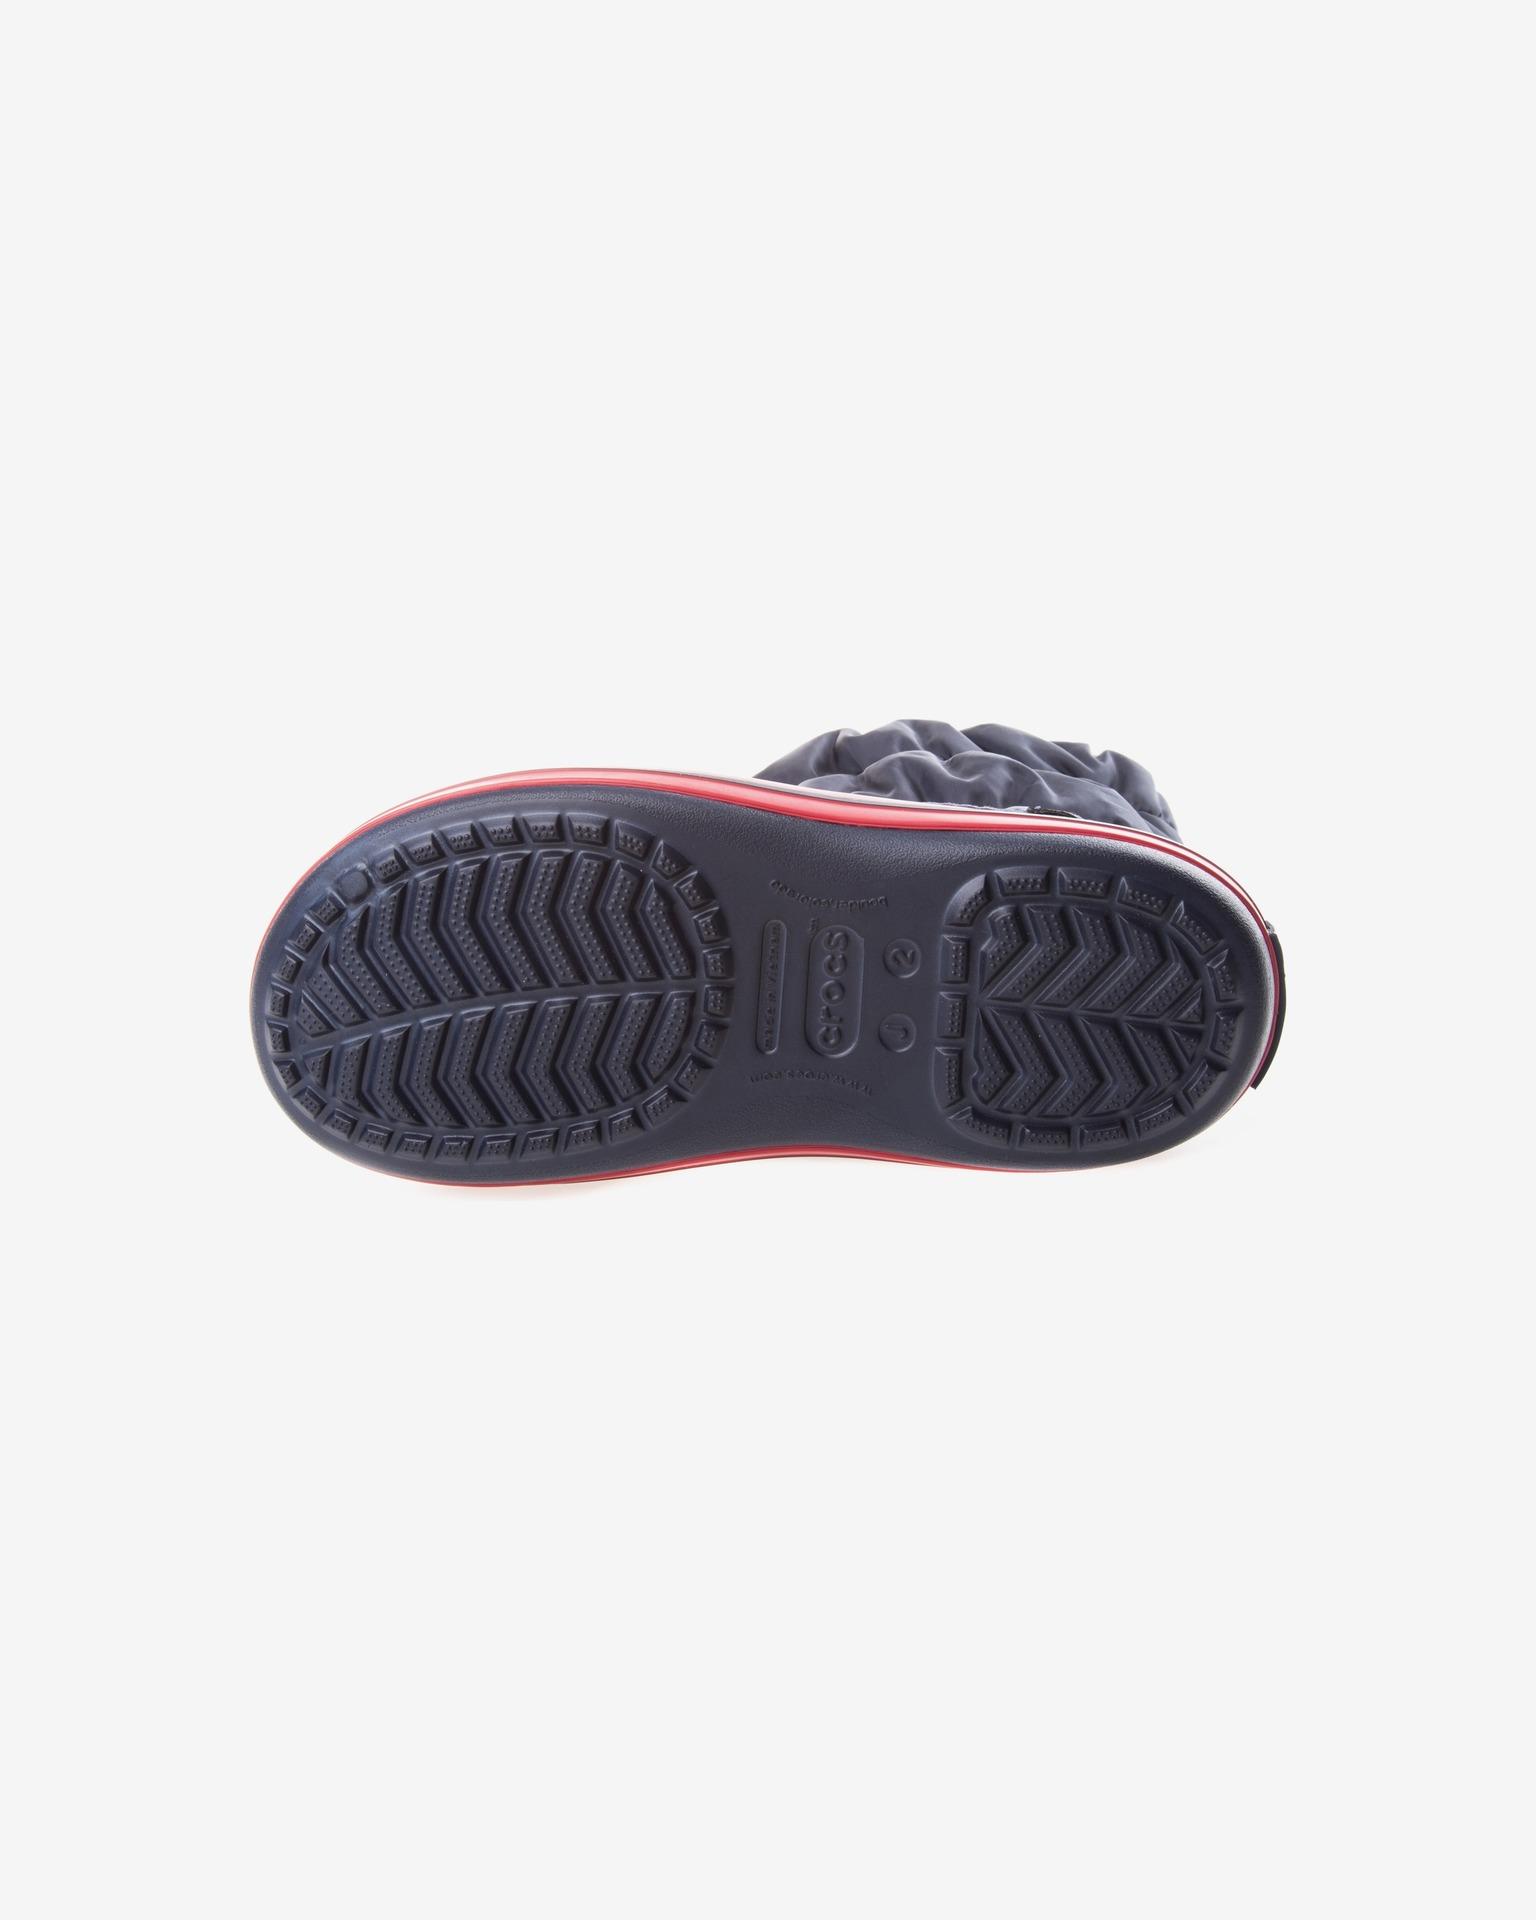 ef363a4d062 Crocs - Winter Puff Sněhule dětské